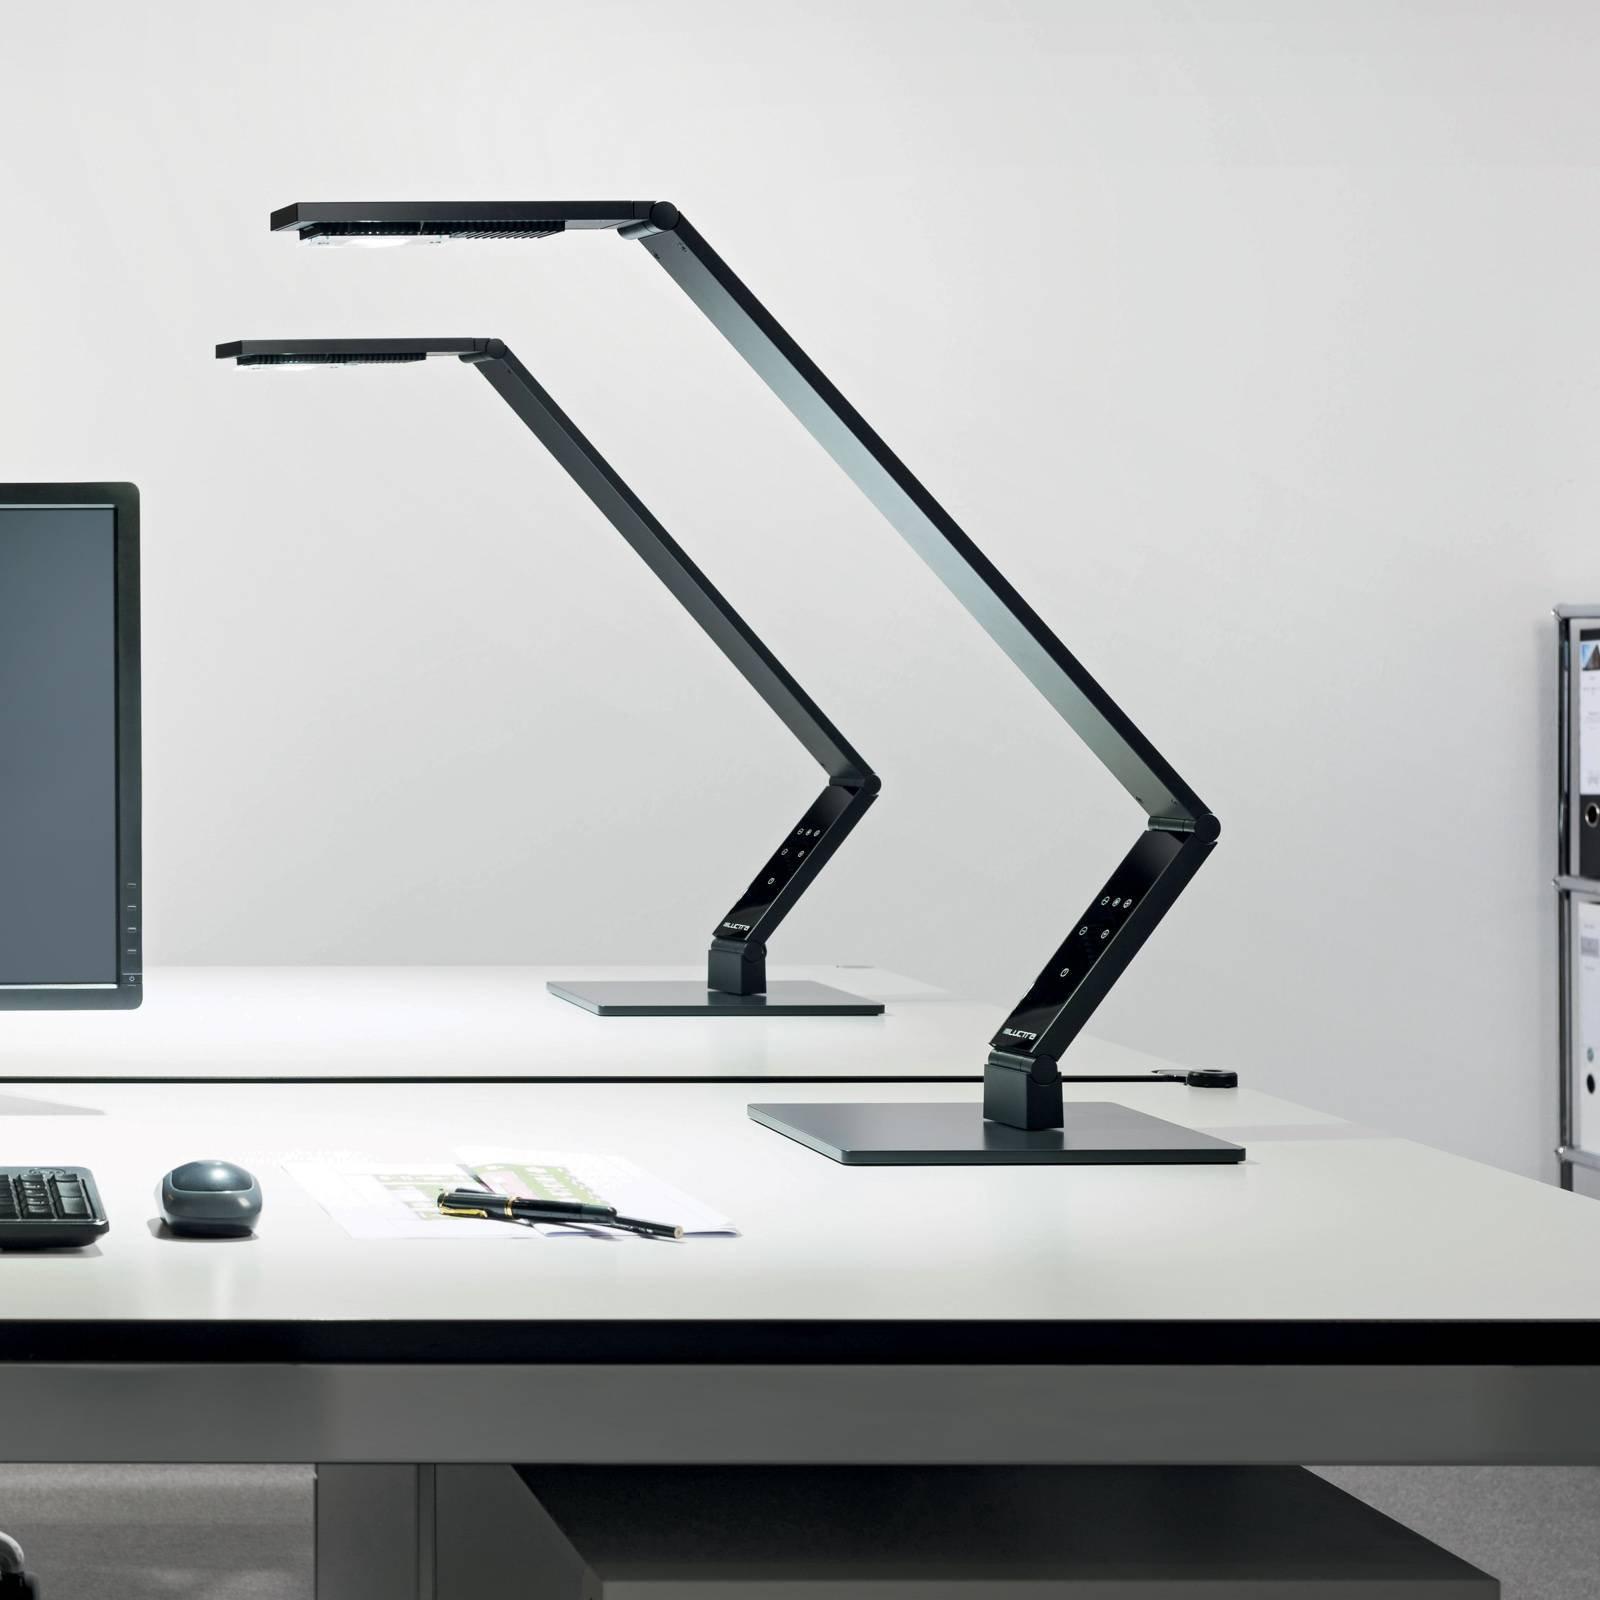 Luctra Tabel Linear LED-bordlampe fot, svart